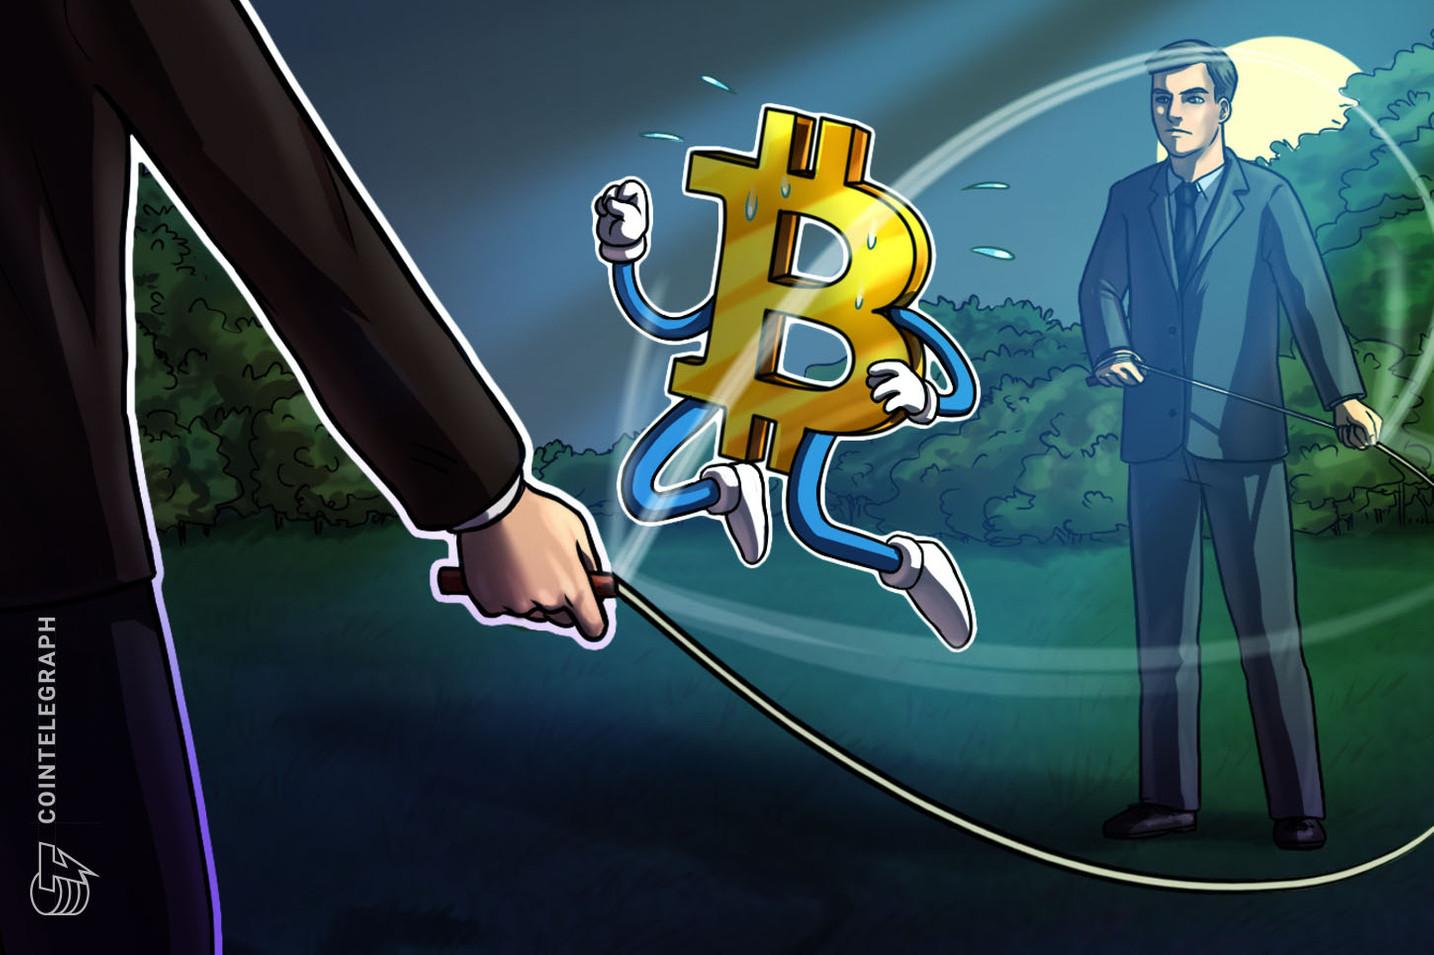 """仮想通貨ビットコイン、今後は""""ゼロ""""か""""7桁""""か=フェイスブック元幹部が予想"""